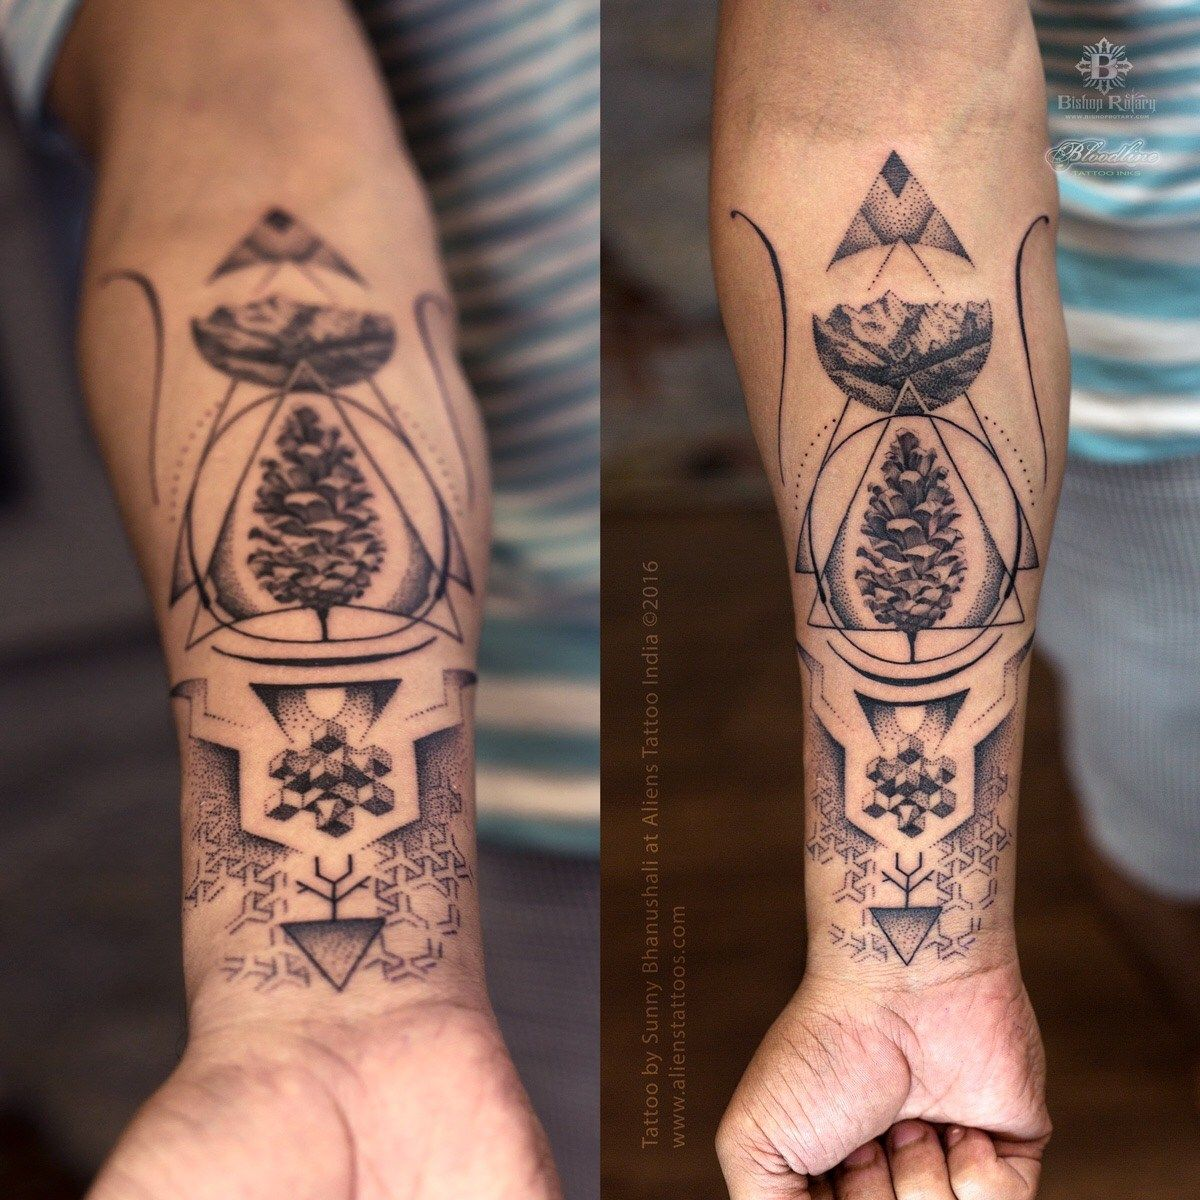 Tattoos in Mumbai